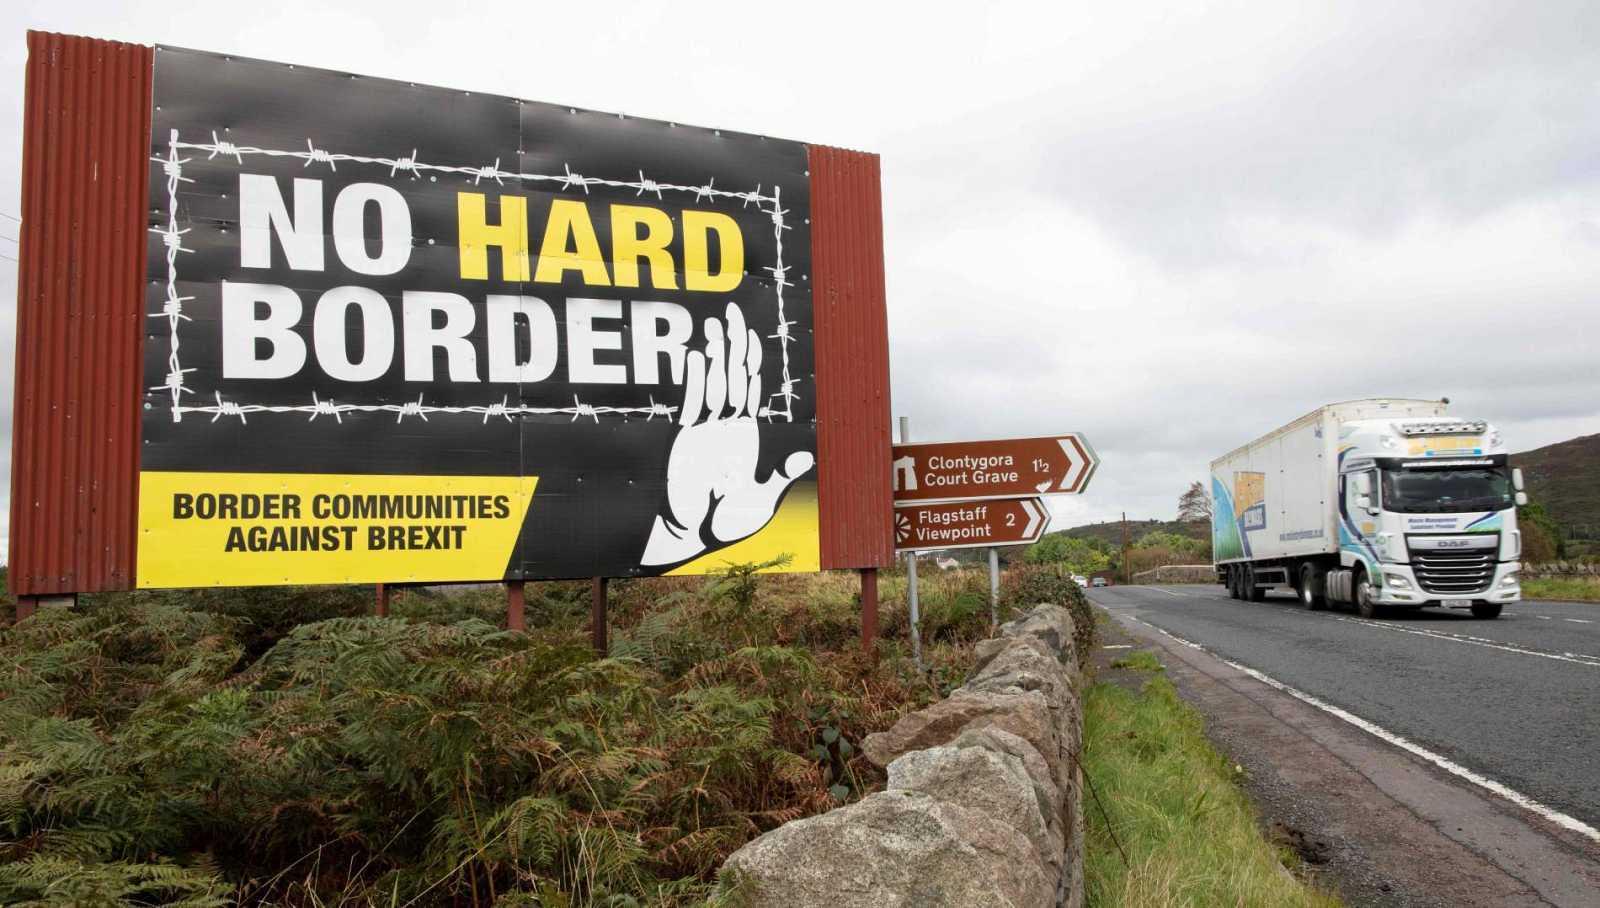 """Londres presiona a la UE para introducir """"cambios significativos"""" en el protocolo norirlandés del Brexit"""